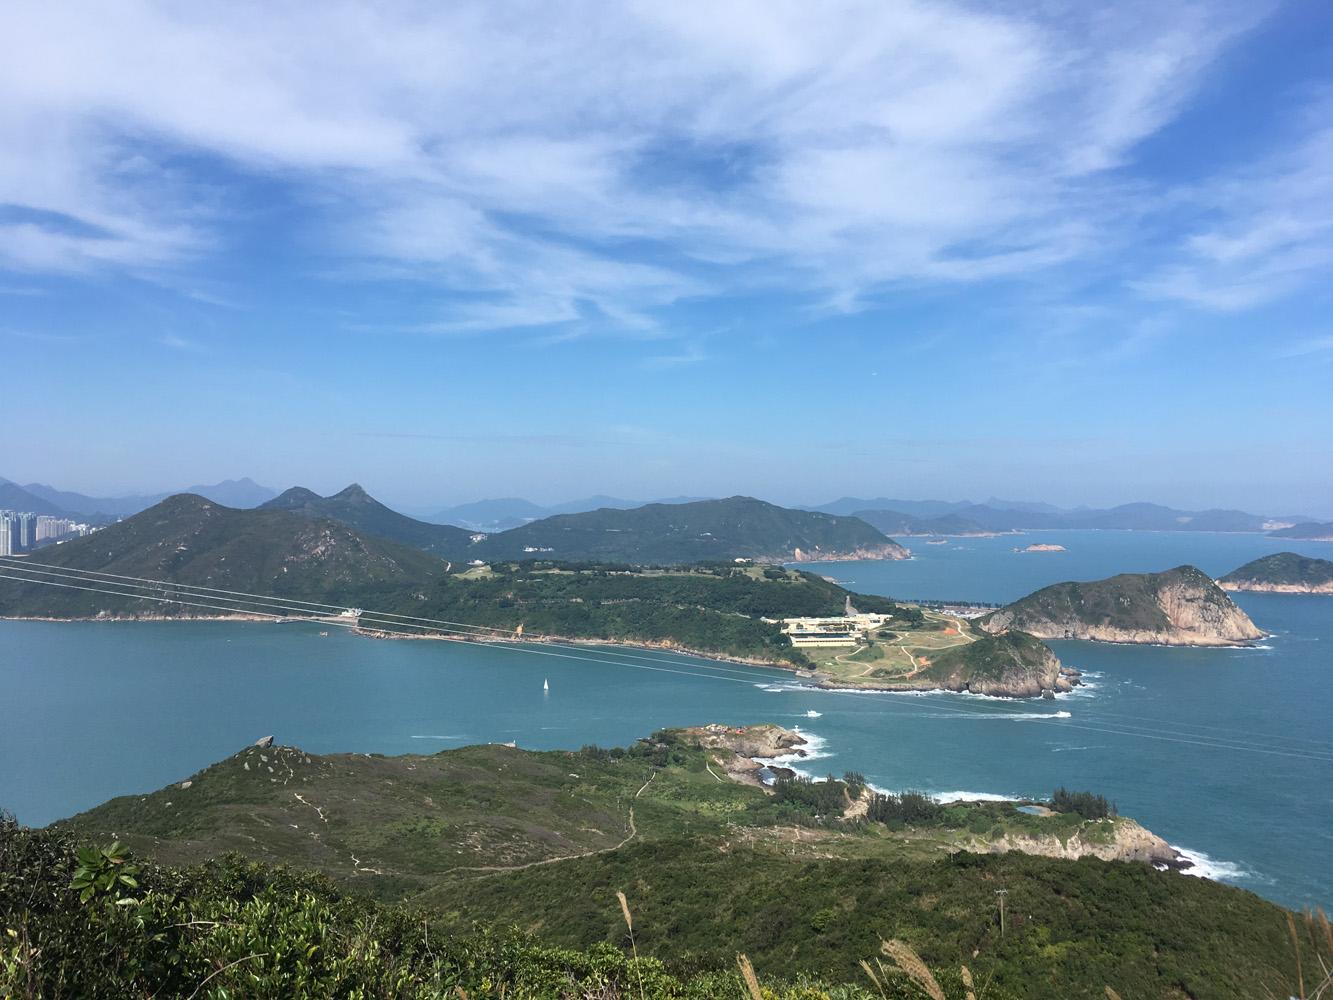 俯瞰清水灣半島南部